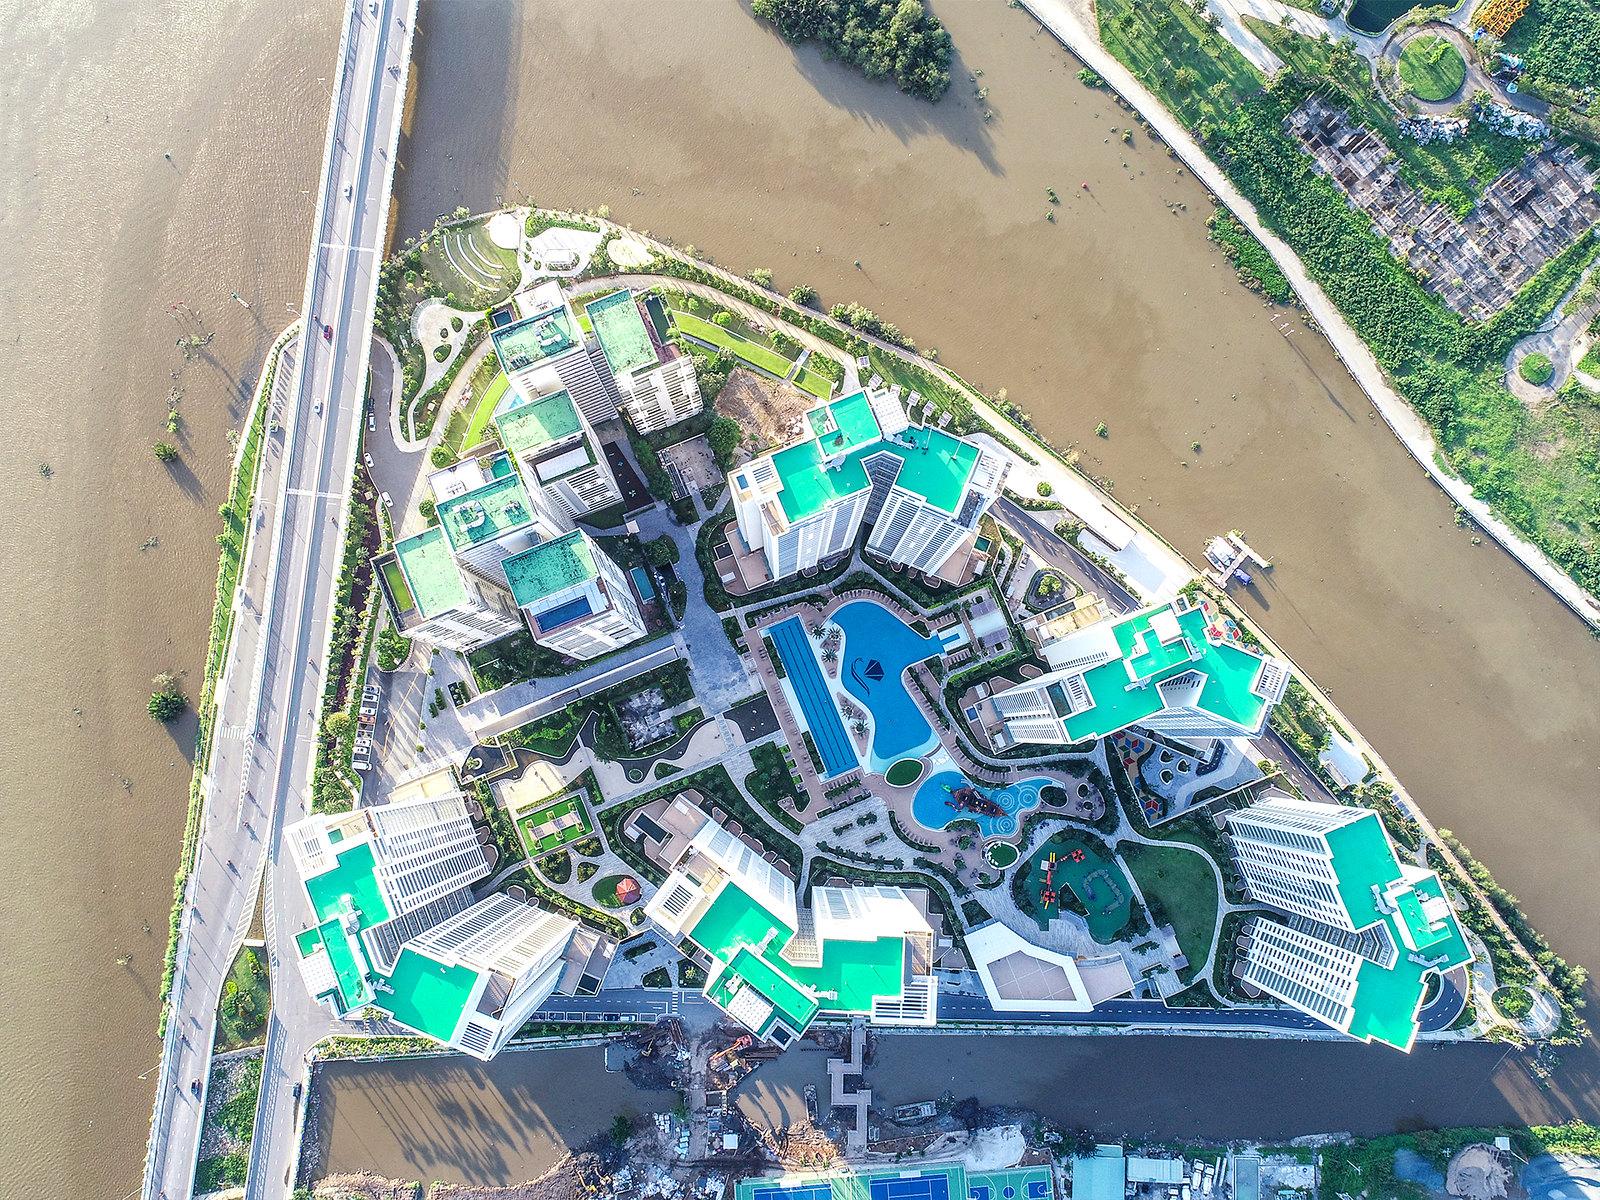 Dự án Đảo Kim Cương giai đoạn 2 gồm 5 tòa tháp mang tên 5 hòn đảo nổi tiếng thế giới: Hawaii, Bora Bora, Maldives, Bahamas và Canary. Cách đặt tên này là một thông điệp ngụ ý về việc biến đảo Kim Cương thành hòn đảo nghỉ dưỡng (Resort Home).